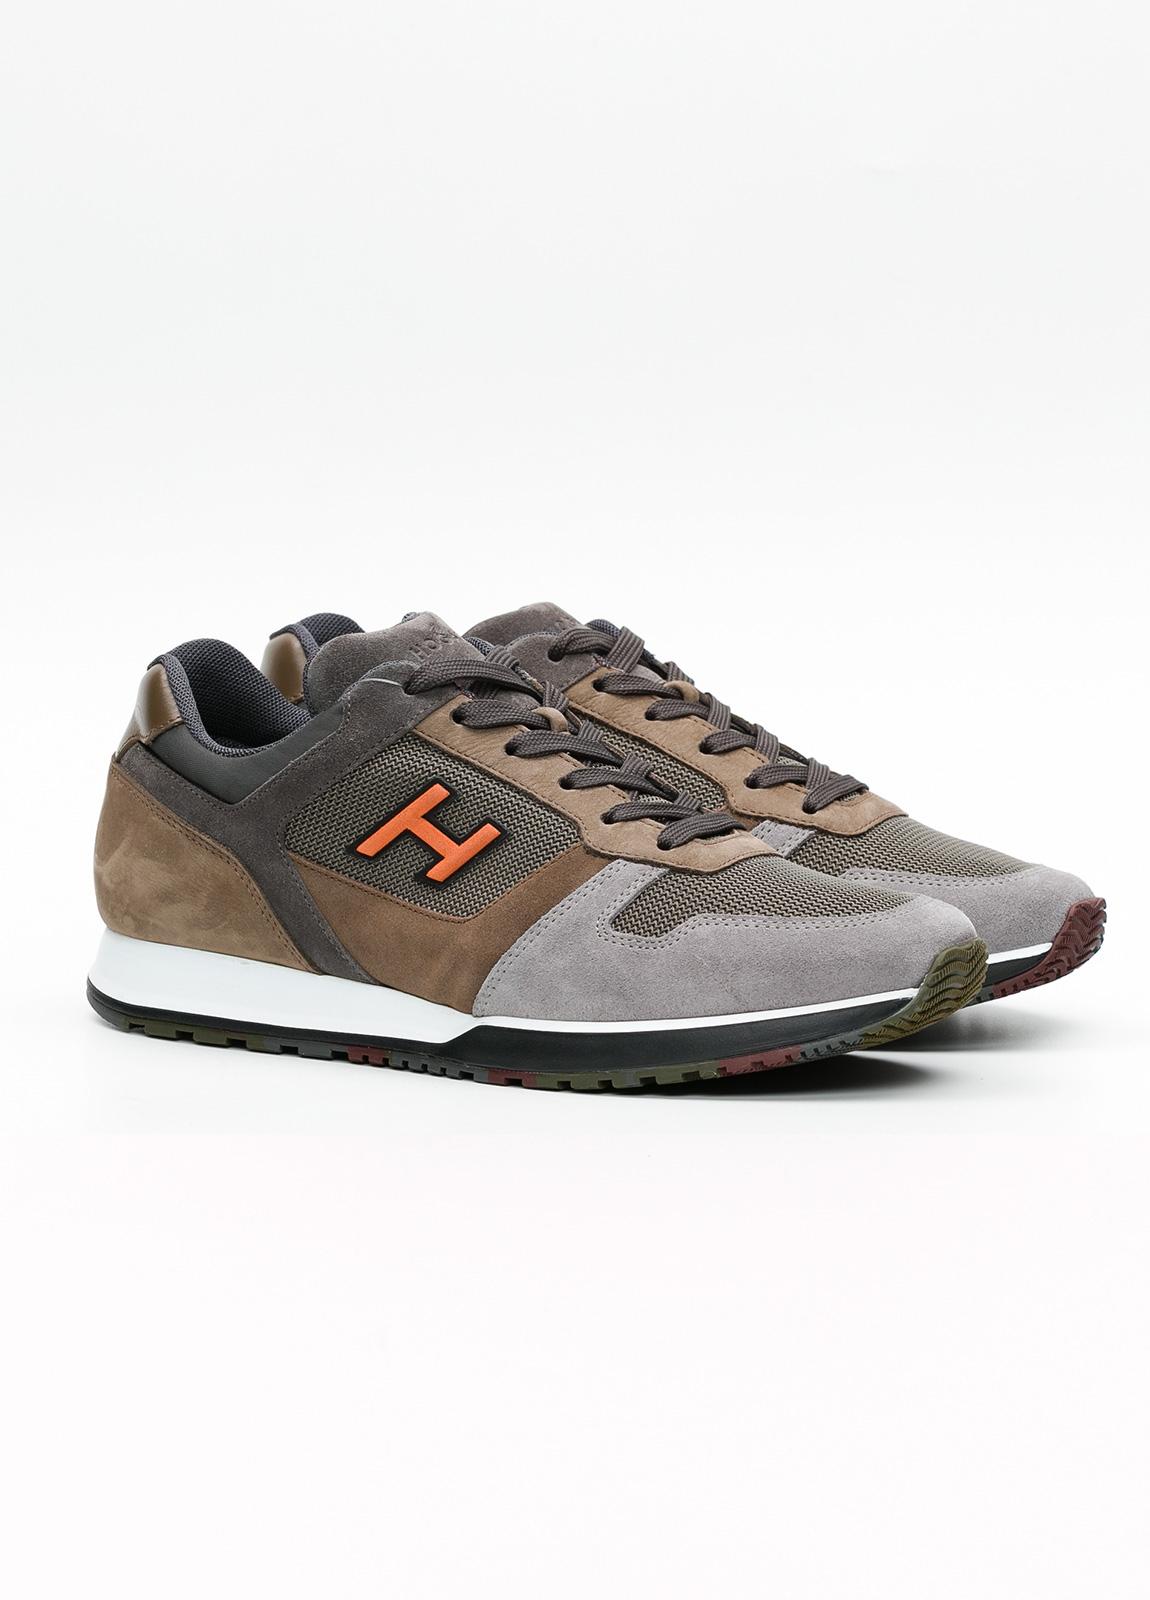 Calzado sport hombre H321 color marrón. Combinación de serraje, tejido técnico y apliques en piel. - Ítem2